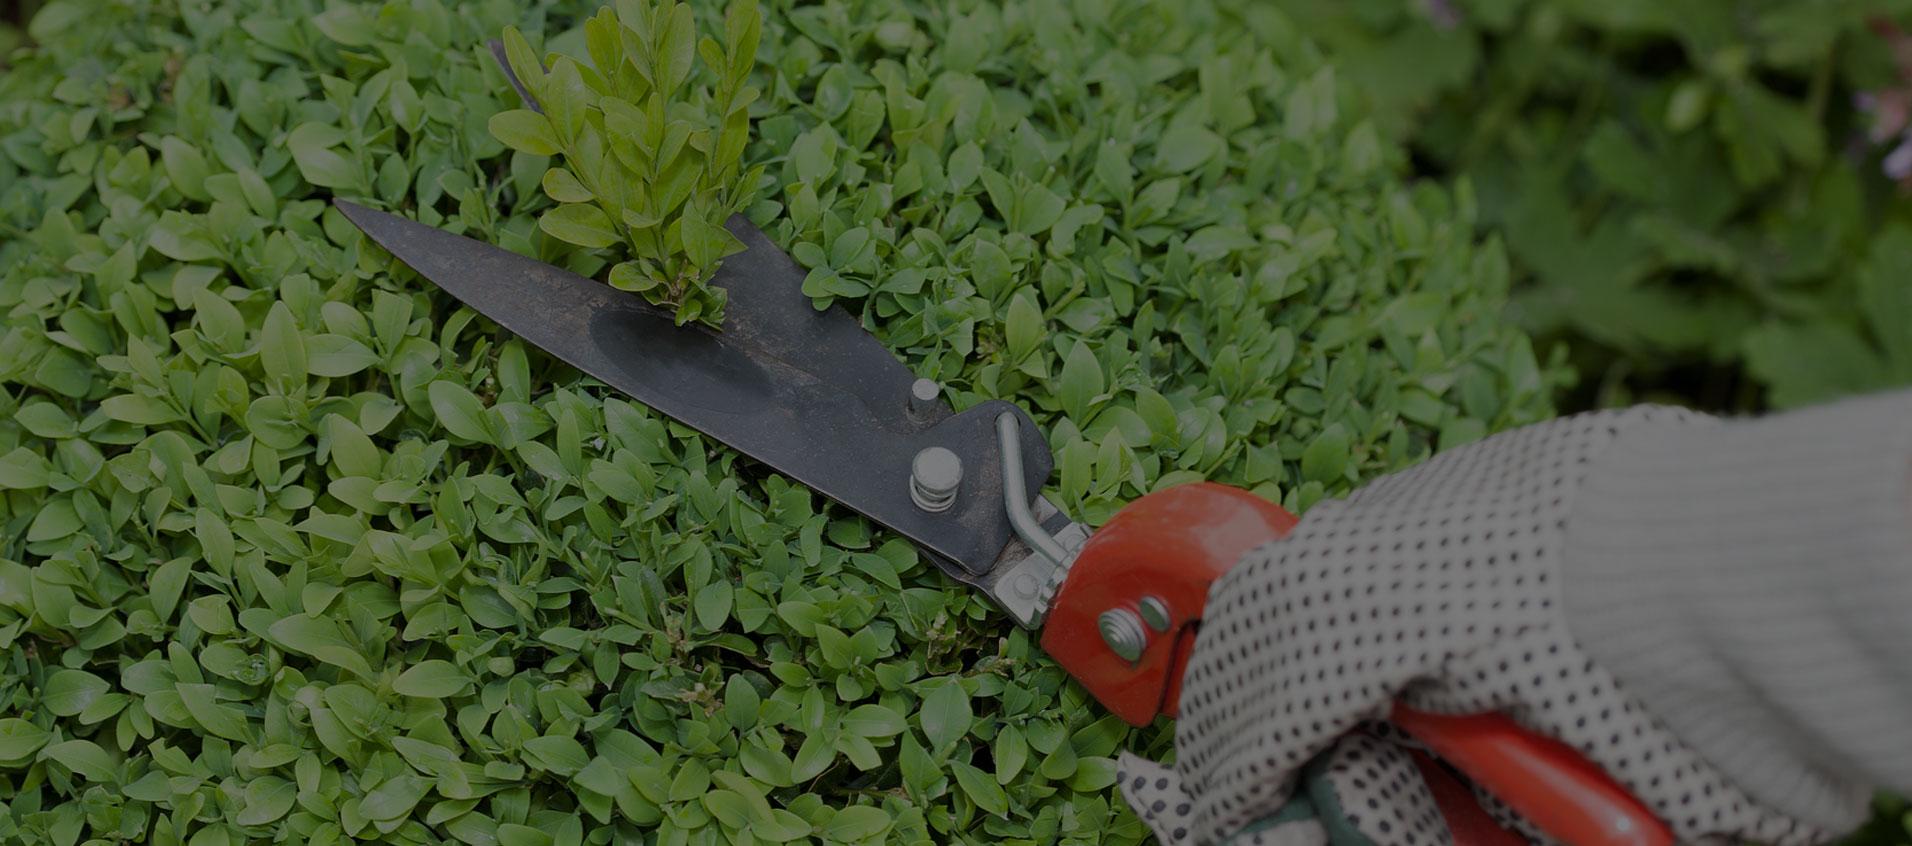 Articoli per l'orto e per il giardino Agraria Covre